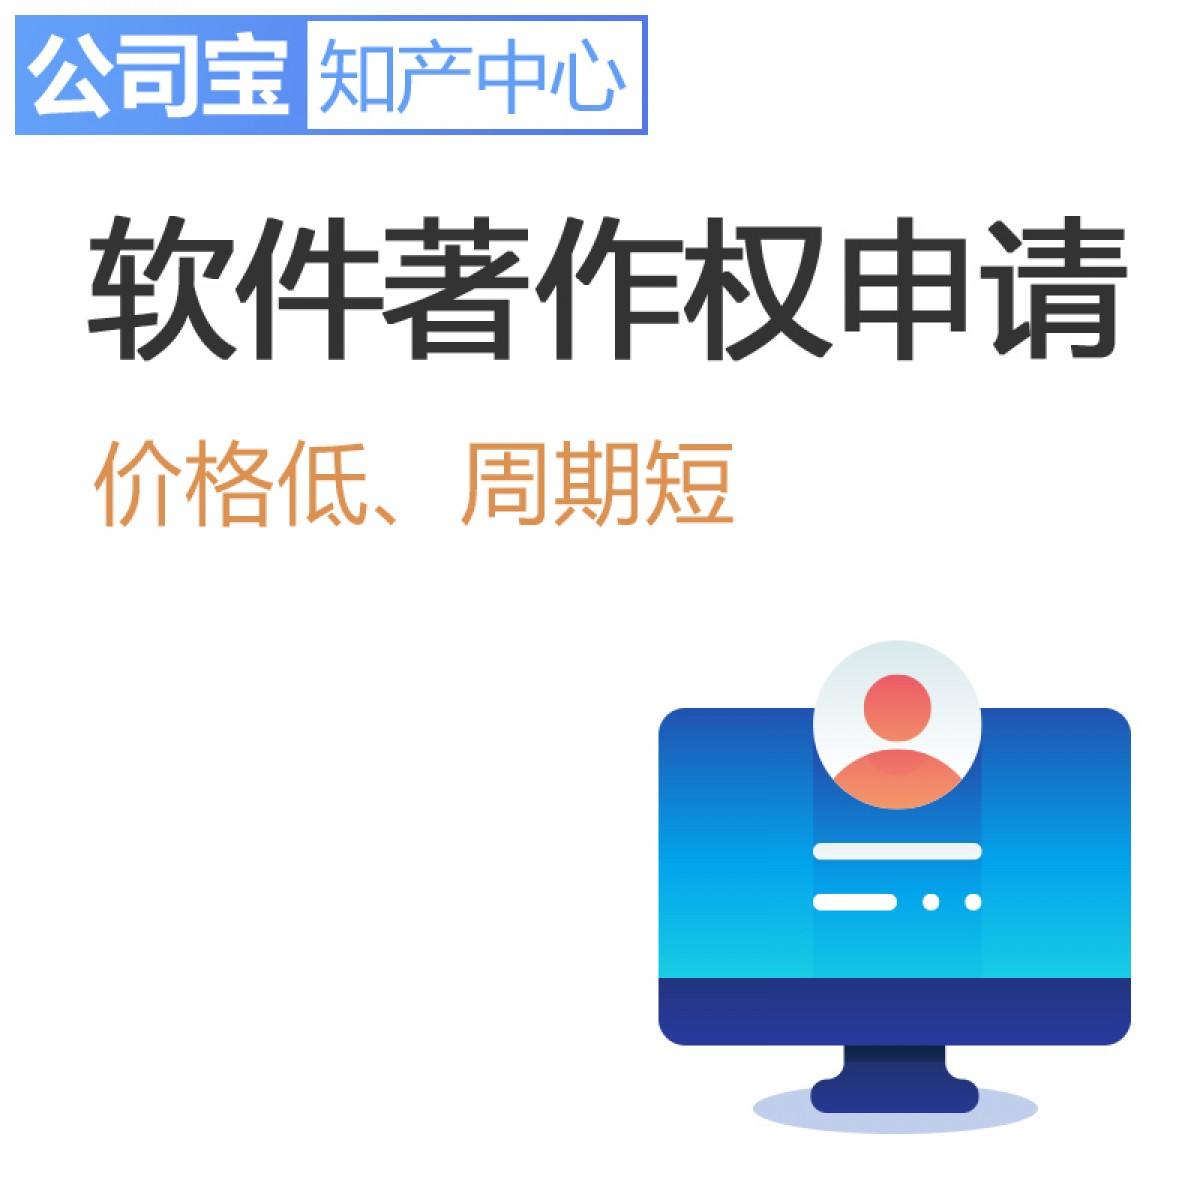 軟件著作權申請 網站/APP/源代碼/游戲等軟件著作權登記 公司寶知產中心 大陸地區